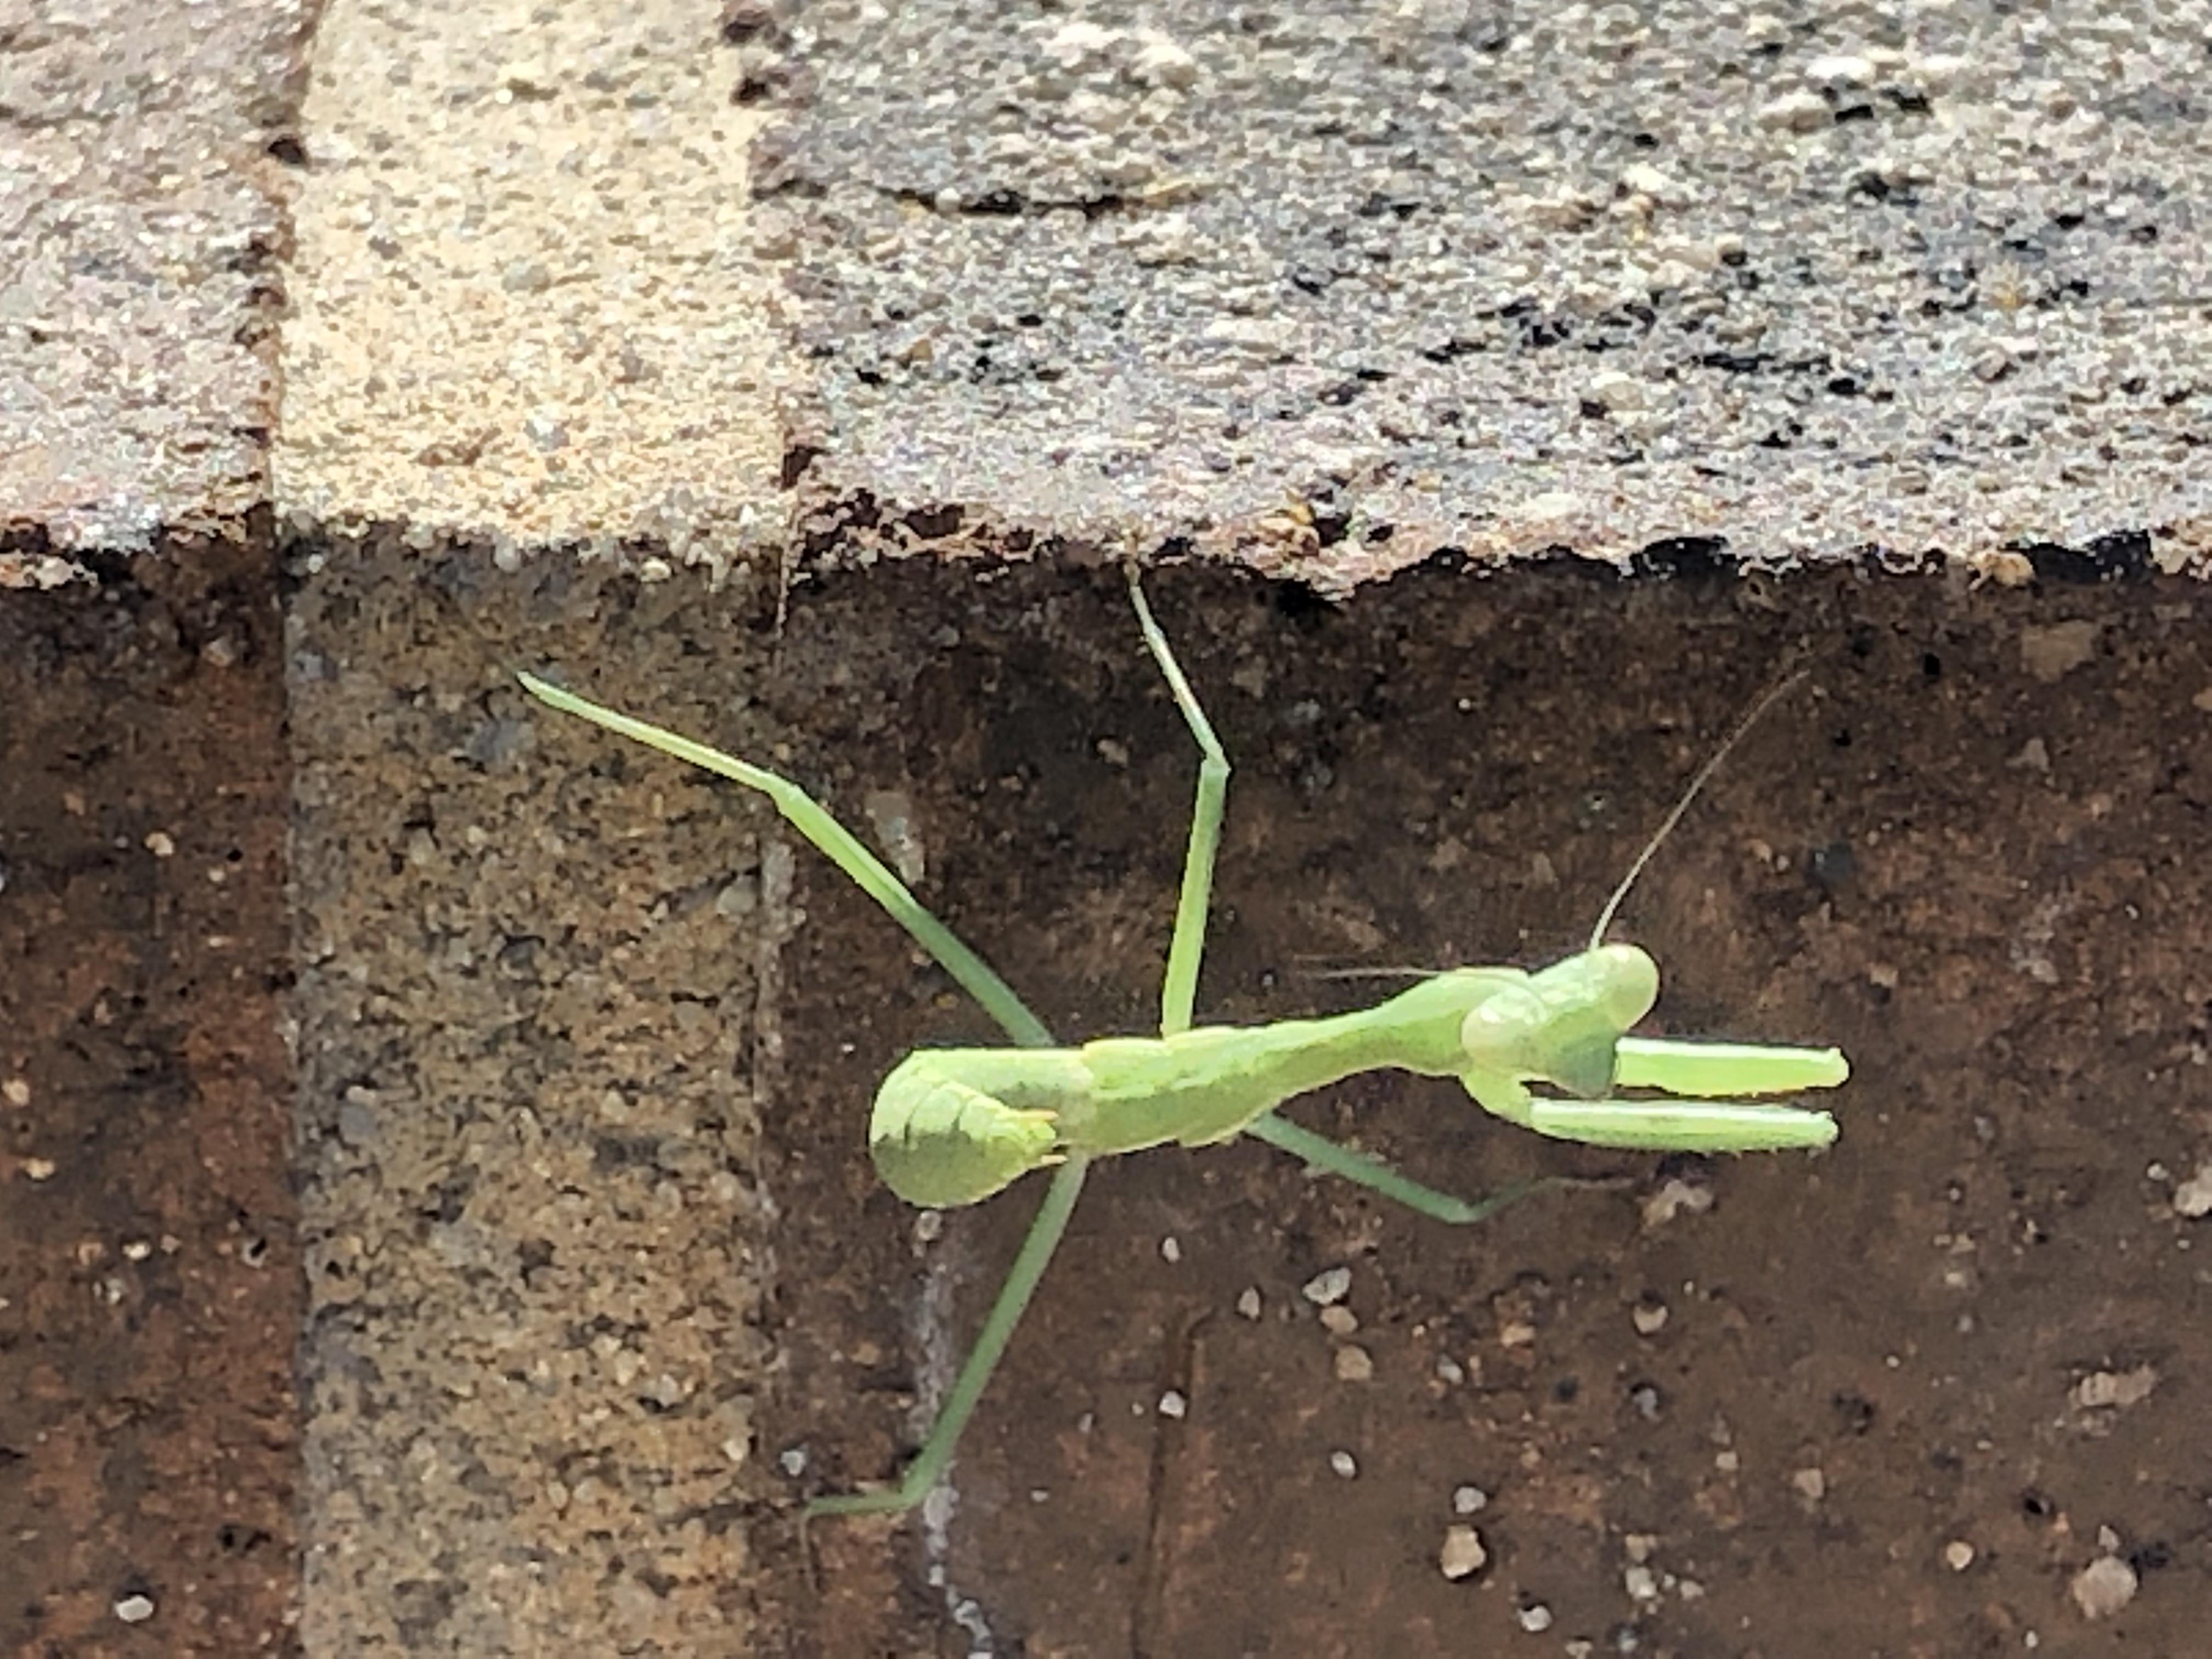 close-up of praying mantis looking directly at camera